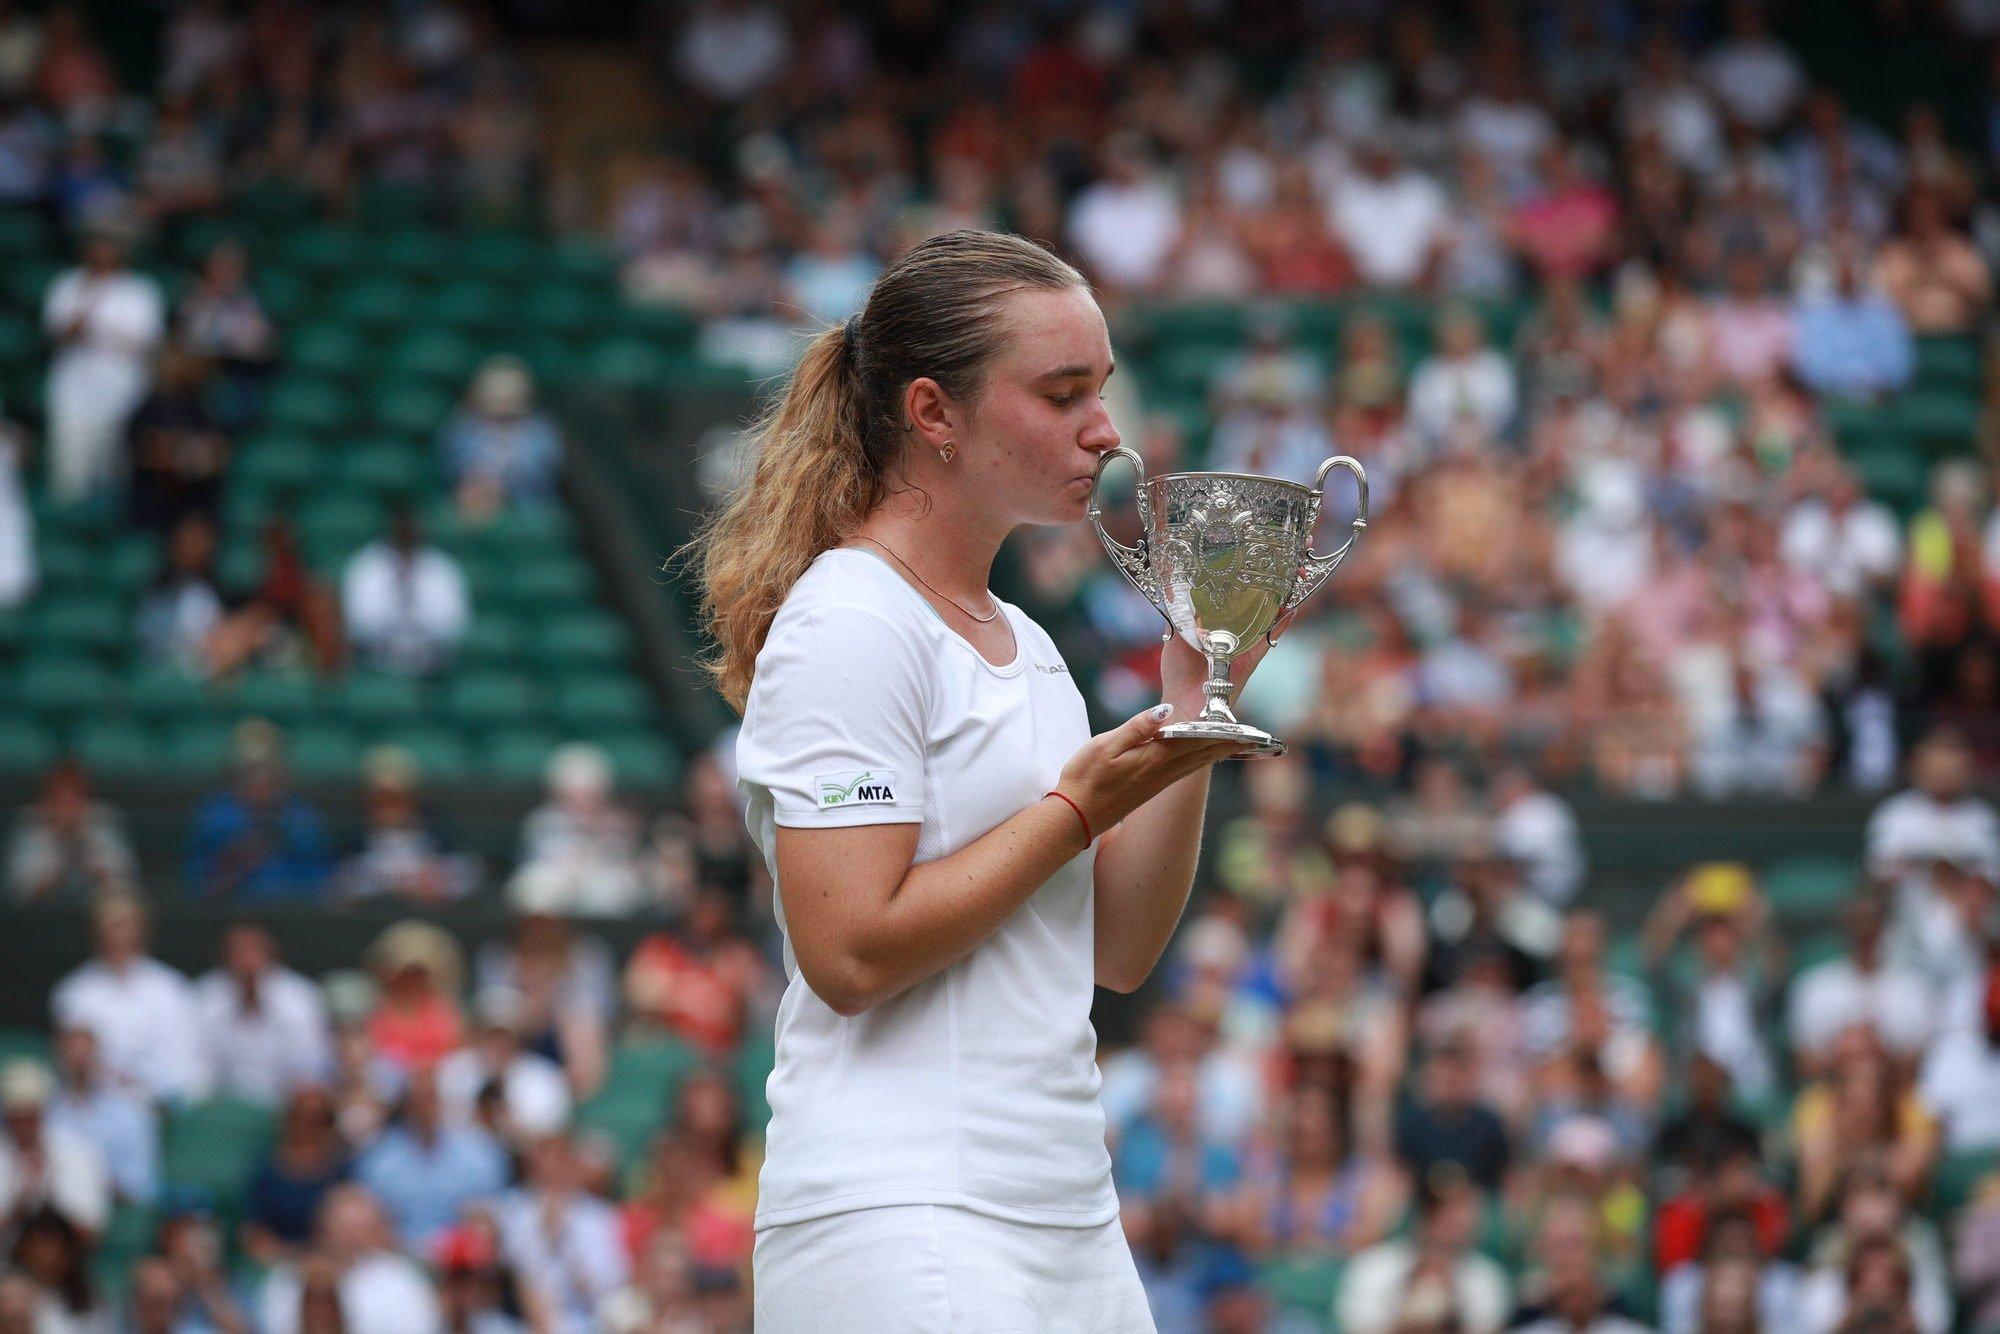 Дарья Снигур — вторая украинка, выигравшая юниорский Уимблдон